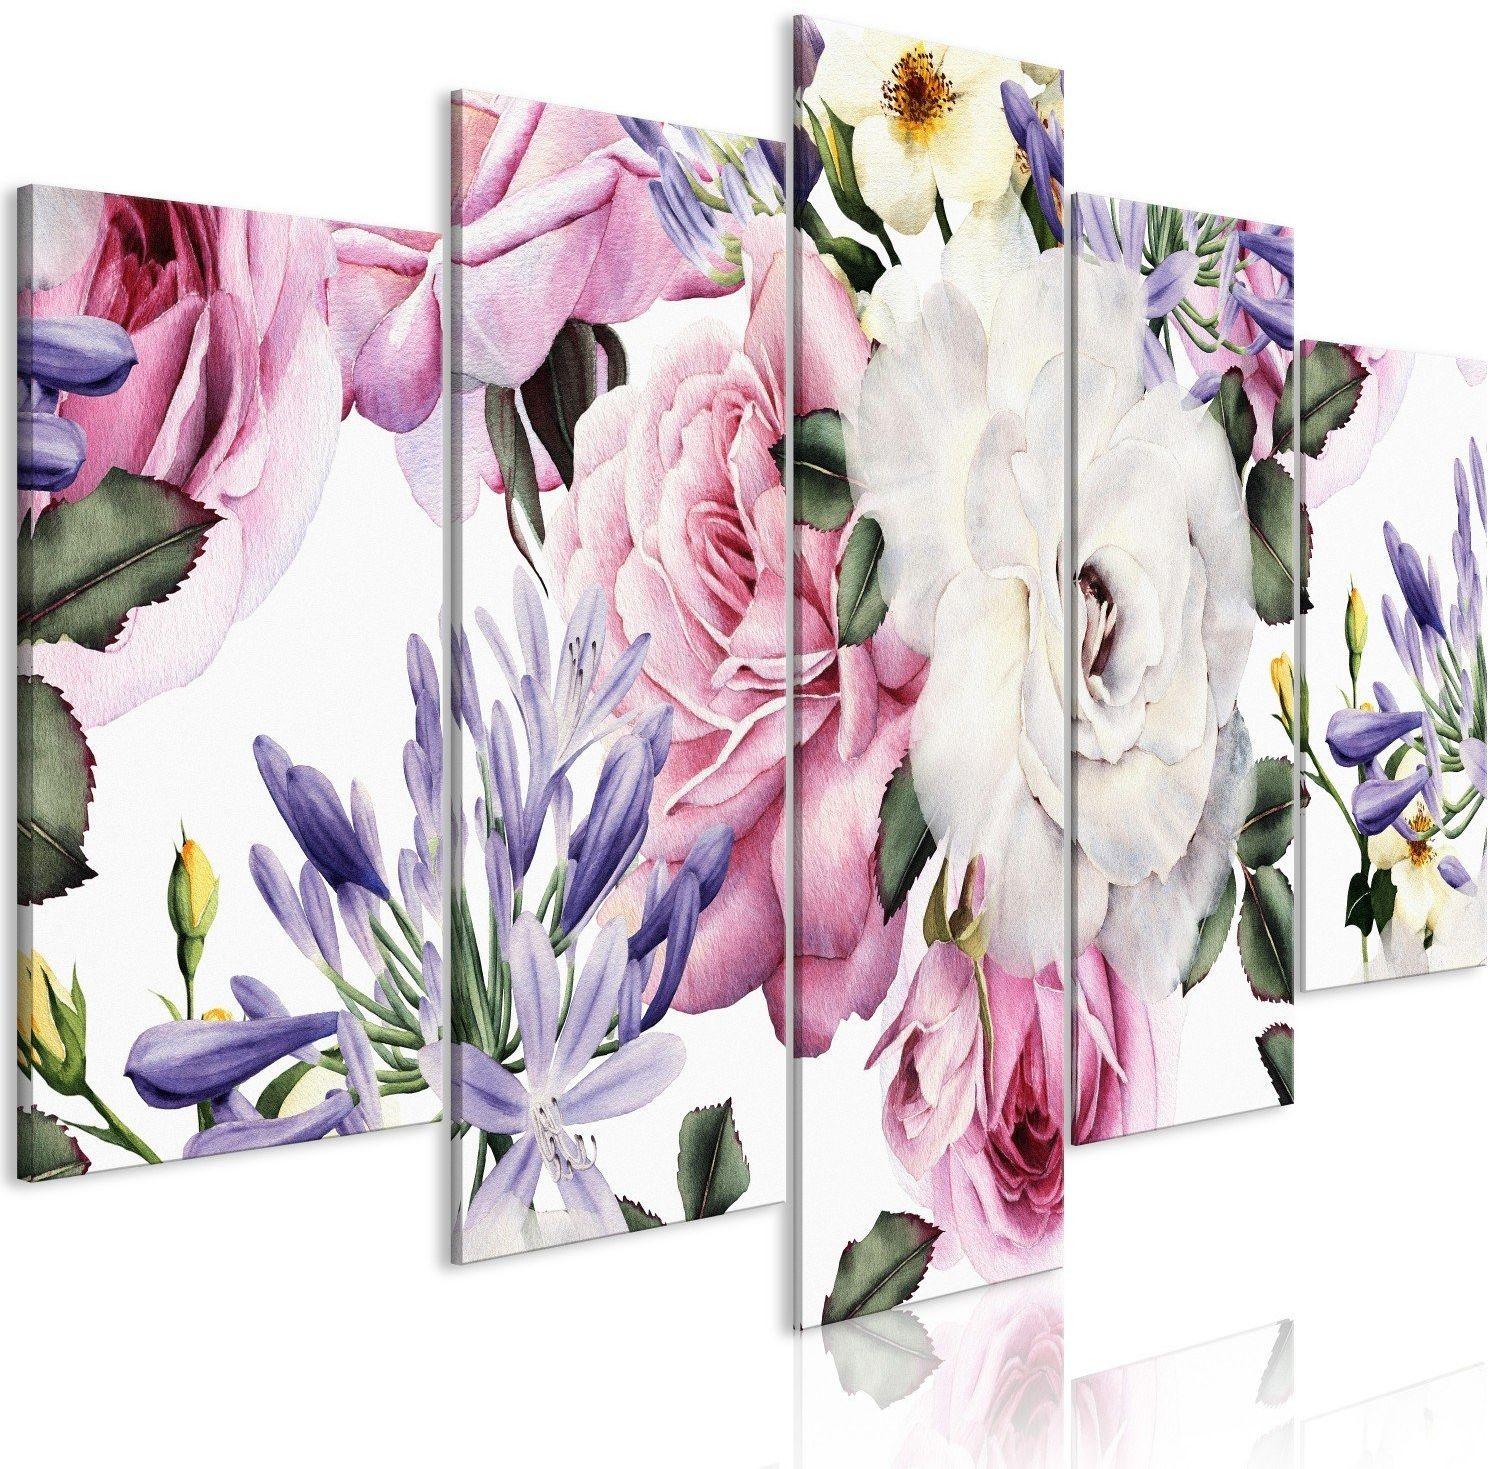 Obraz - różana kompozycja (5-częściowy) szeroki kolorowy